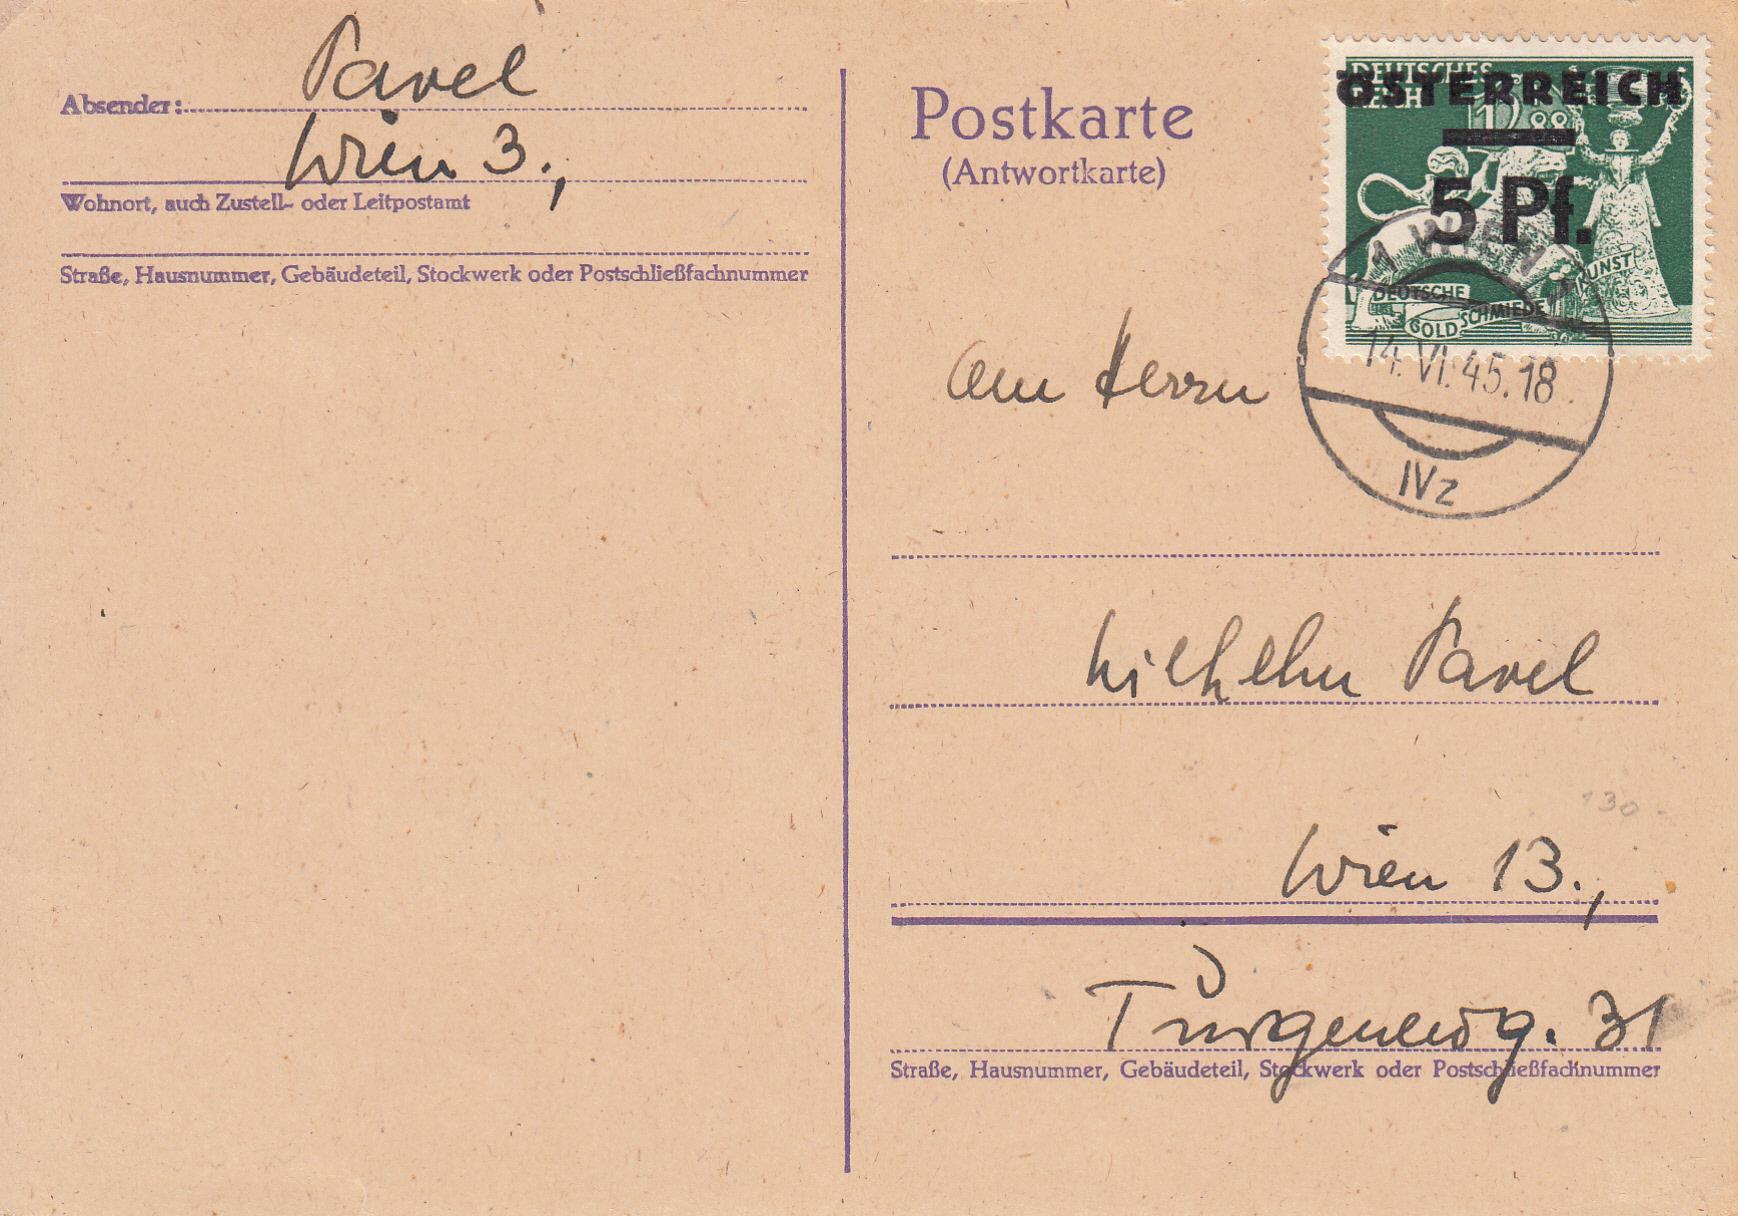 Notmaßnahmen und Provisorien bei Postkarten 1945-1948 Img_0172